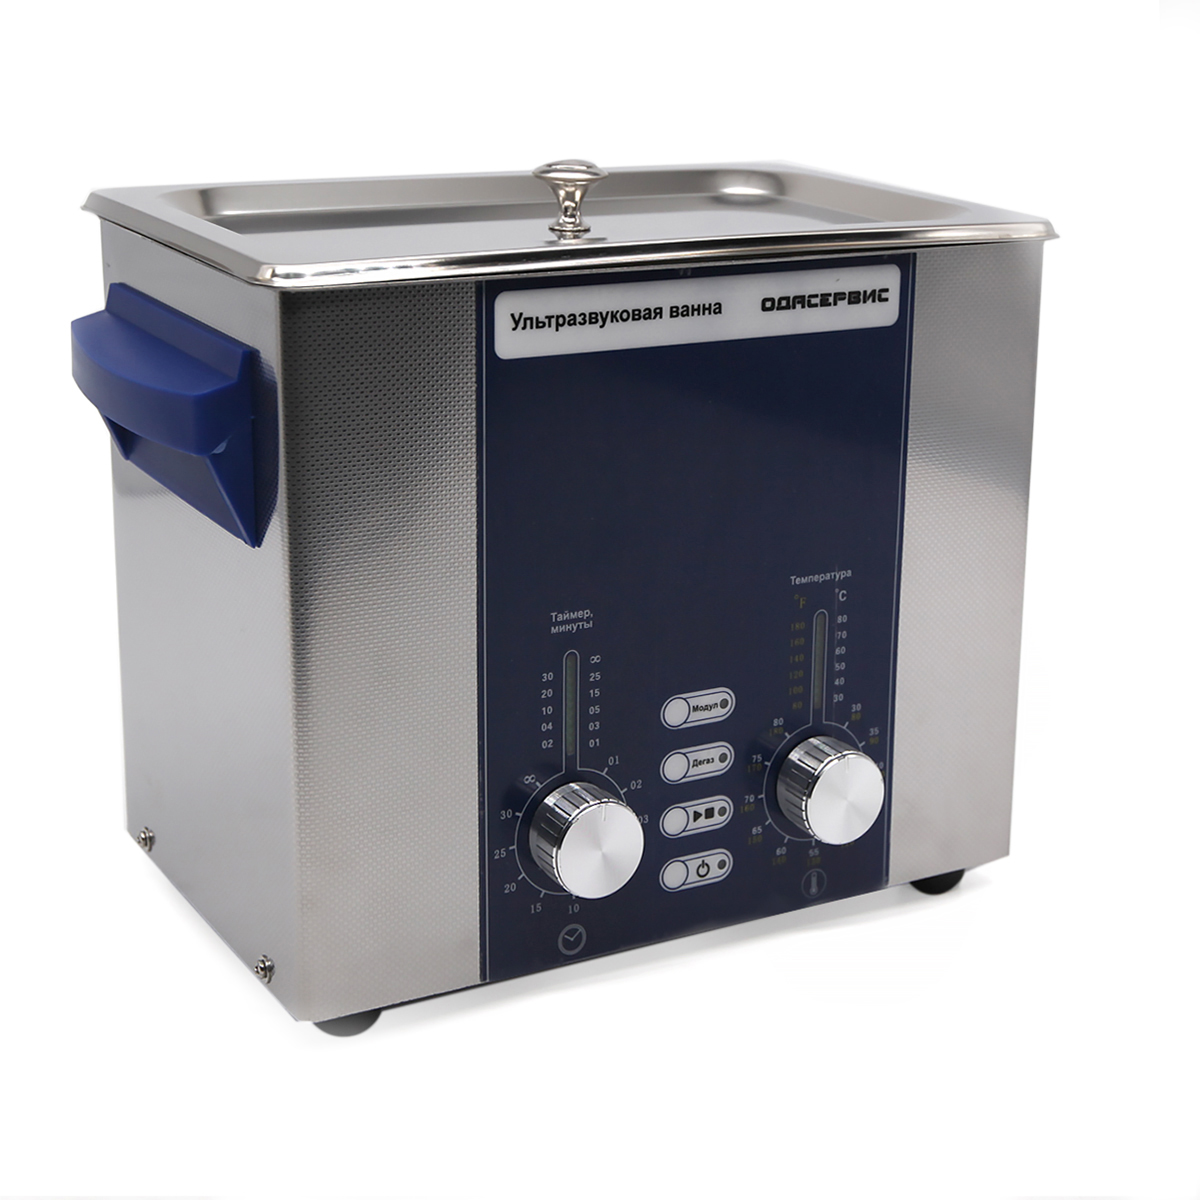 Ультразвуковая ванна с аналоговым управлением, подогревом, дегазацией и модуляцией 3 л ОДА...